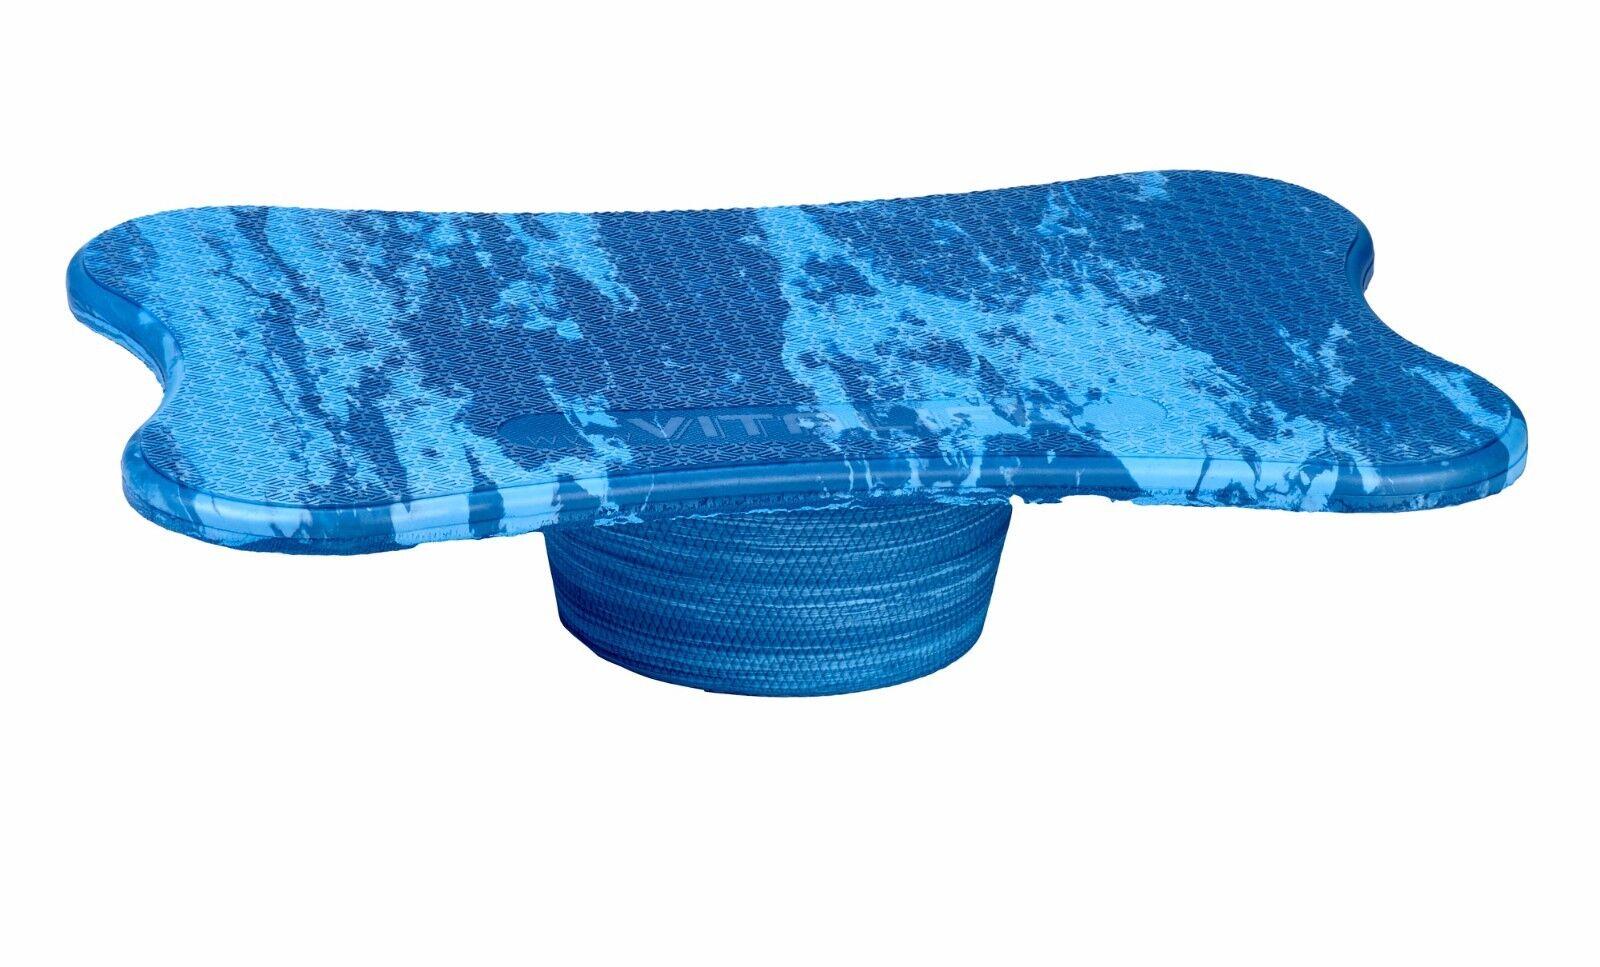 Balance Pad Vitalfit TABLERO Stabi-Trainer blau Stabilitätstrainer - Stabi-Trainer TABLERO cd71b7